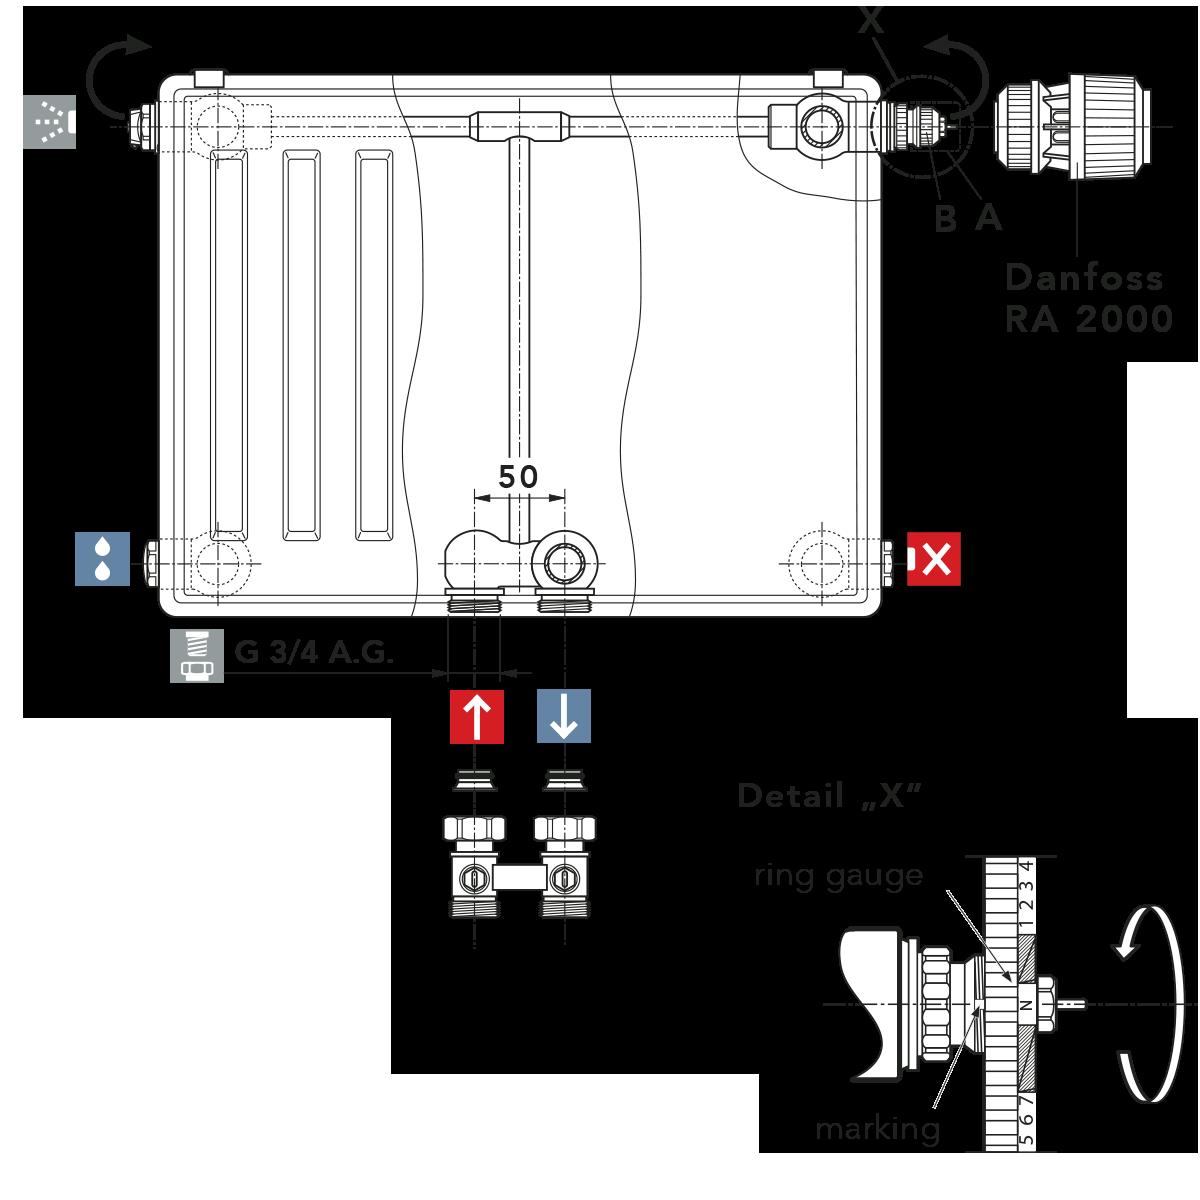 ULOW E2 - Low Temperature Radiator | KE KELIT NZ